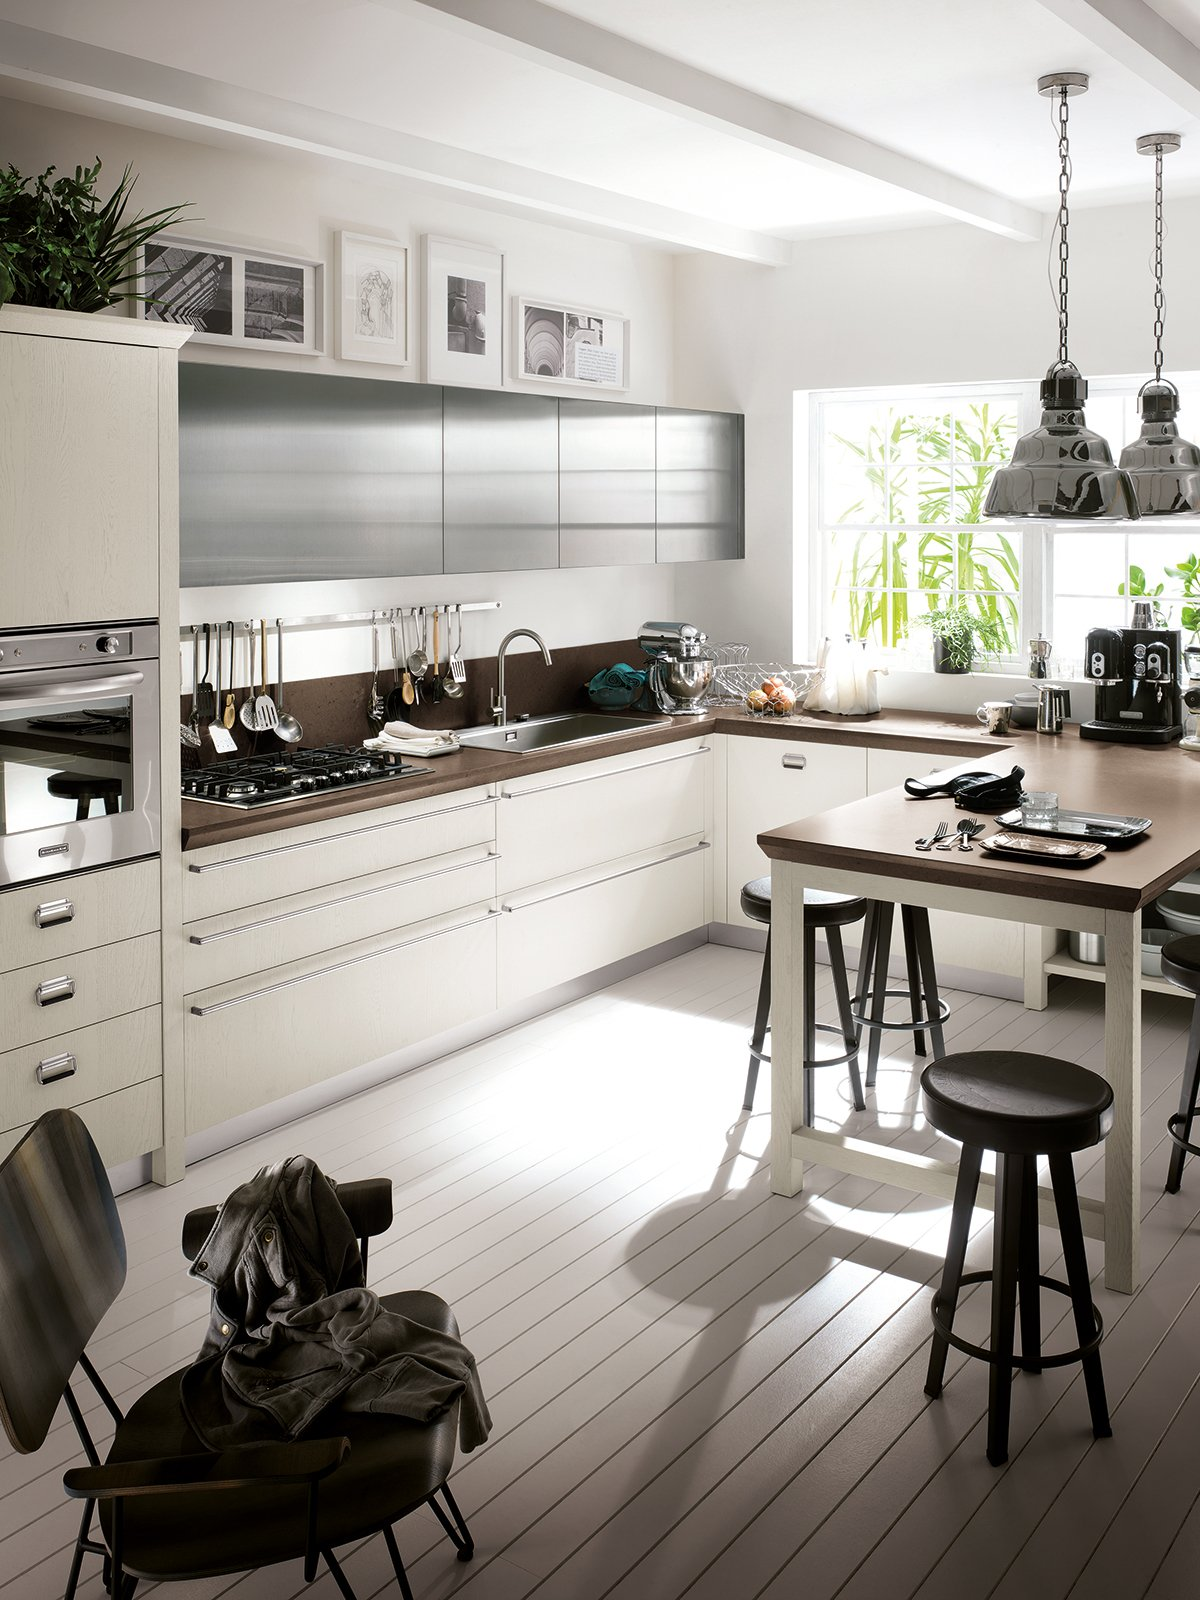 Nuove cucine con maniglia protagonista cose di casa - Cucine scavolini country ...